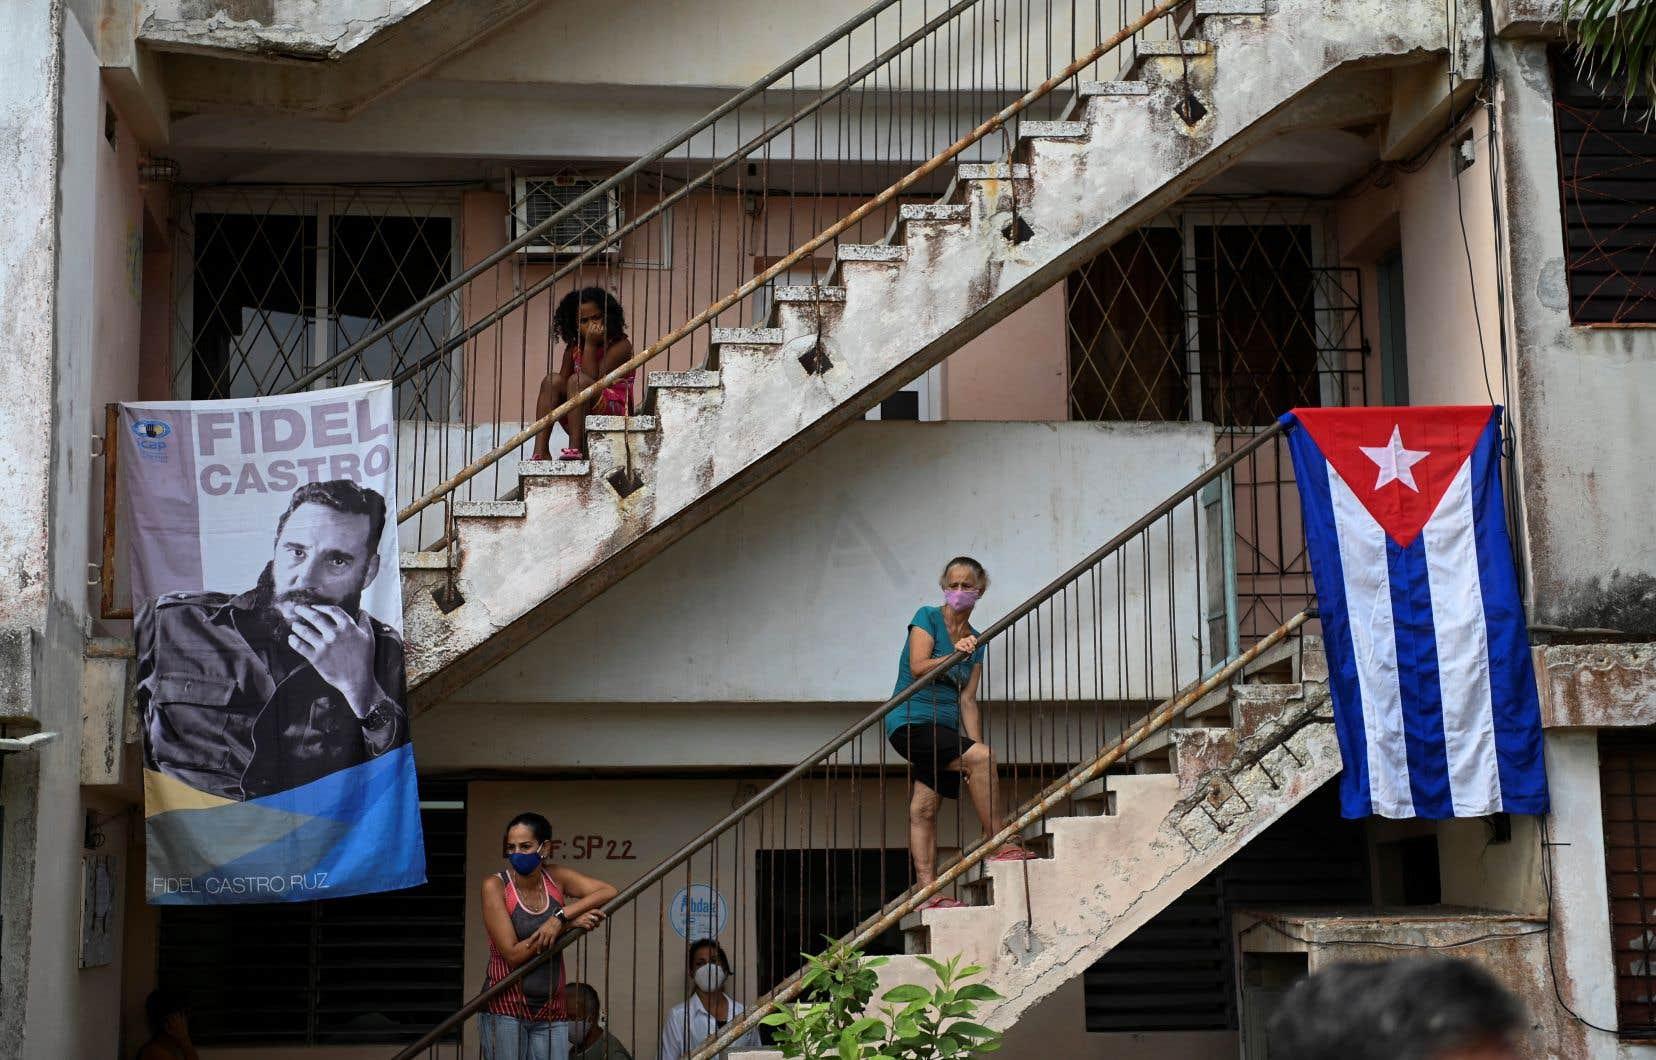 «Il n'y a pas de famille cubaine ni de secteur qui n'aient pas souffert des effets du blocus: au niveau de la santé, de l'alimentation, des services, du prix des produits, des relations familiales, etc.», écrit l'auteur.